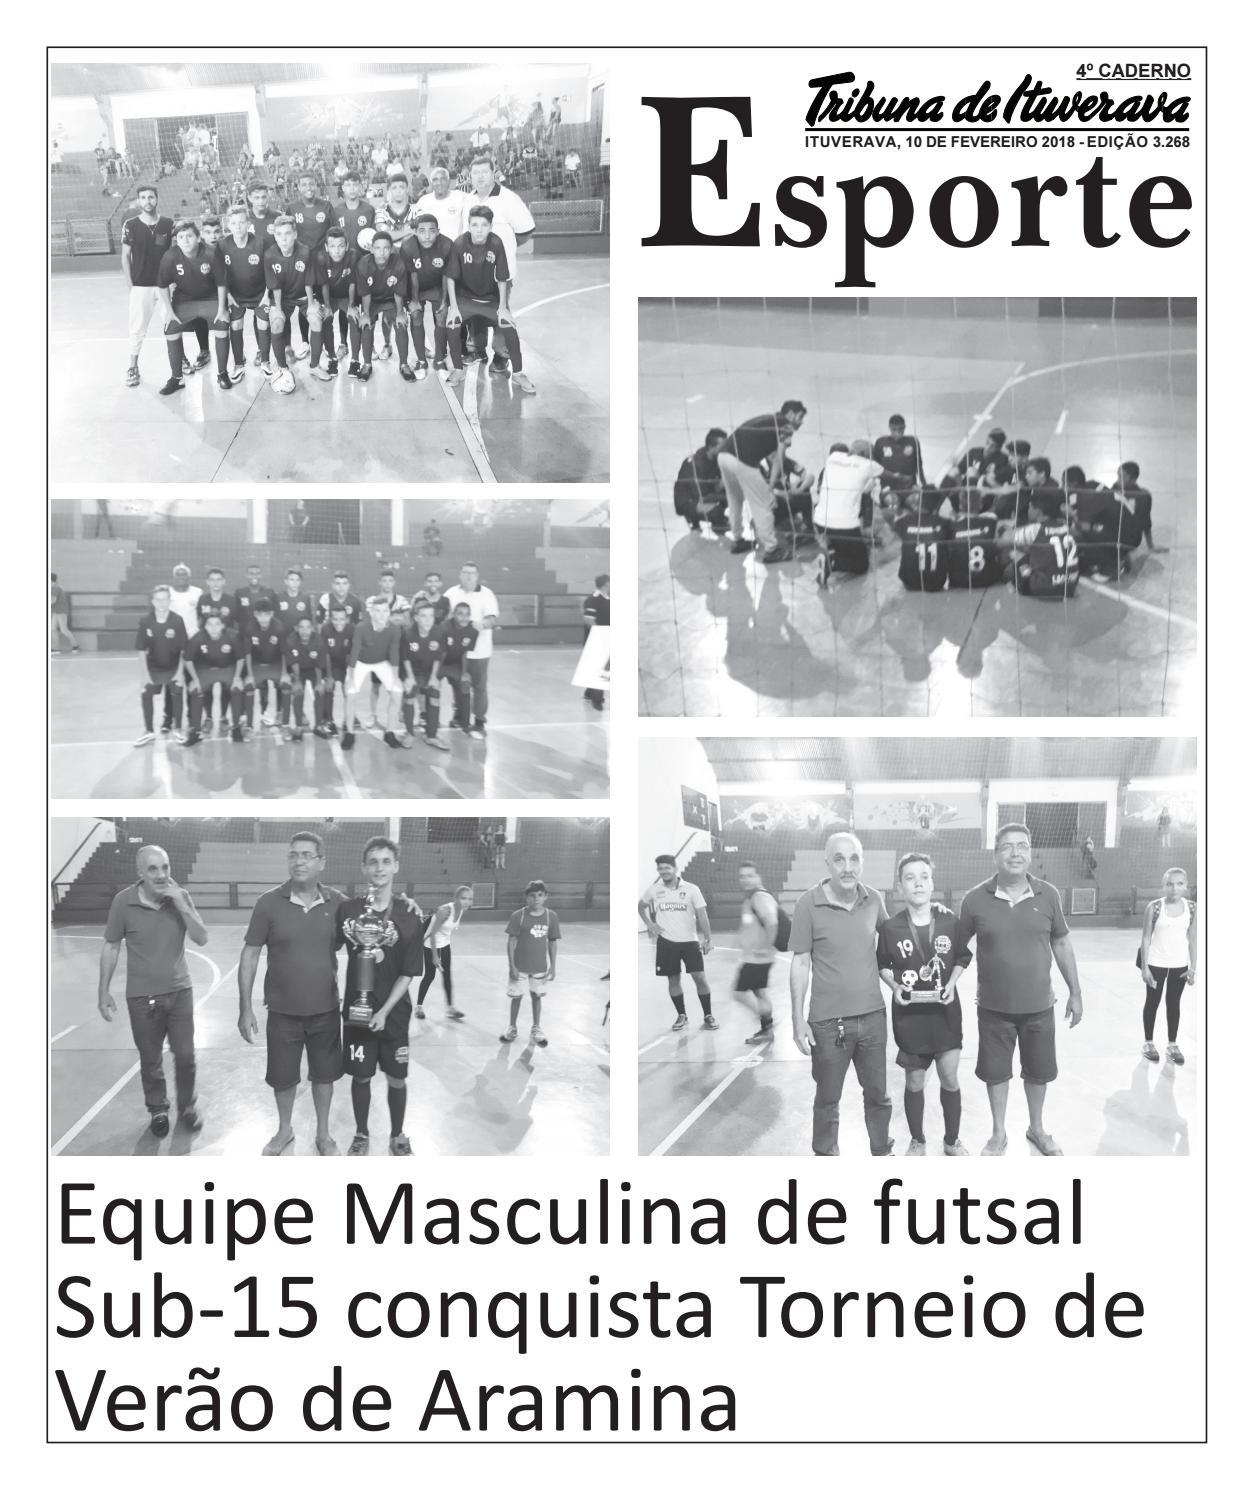 4a710ea5b9 Esporte Edição 3268 by tribunadeituverava - issuu